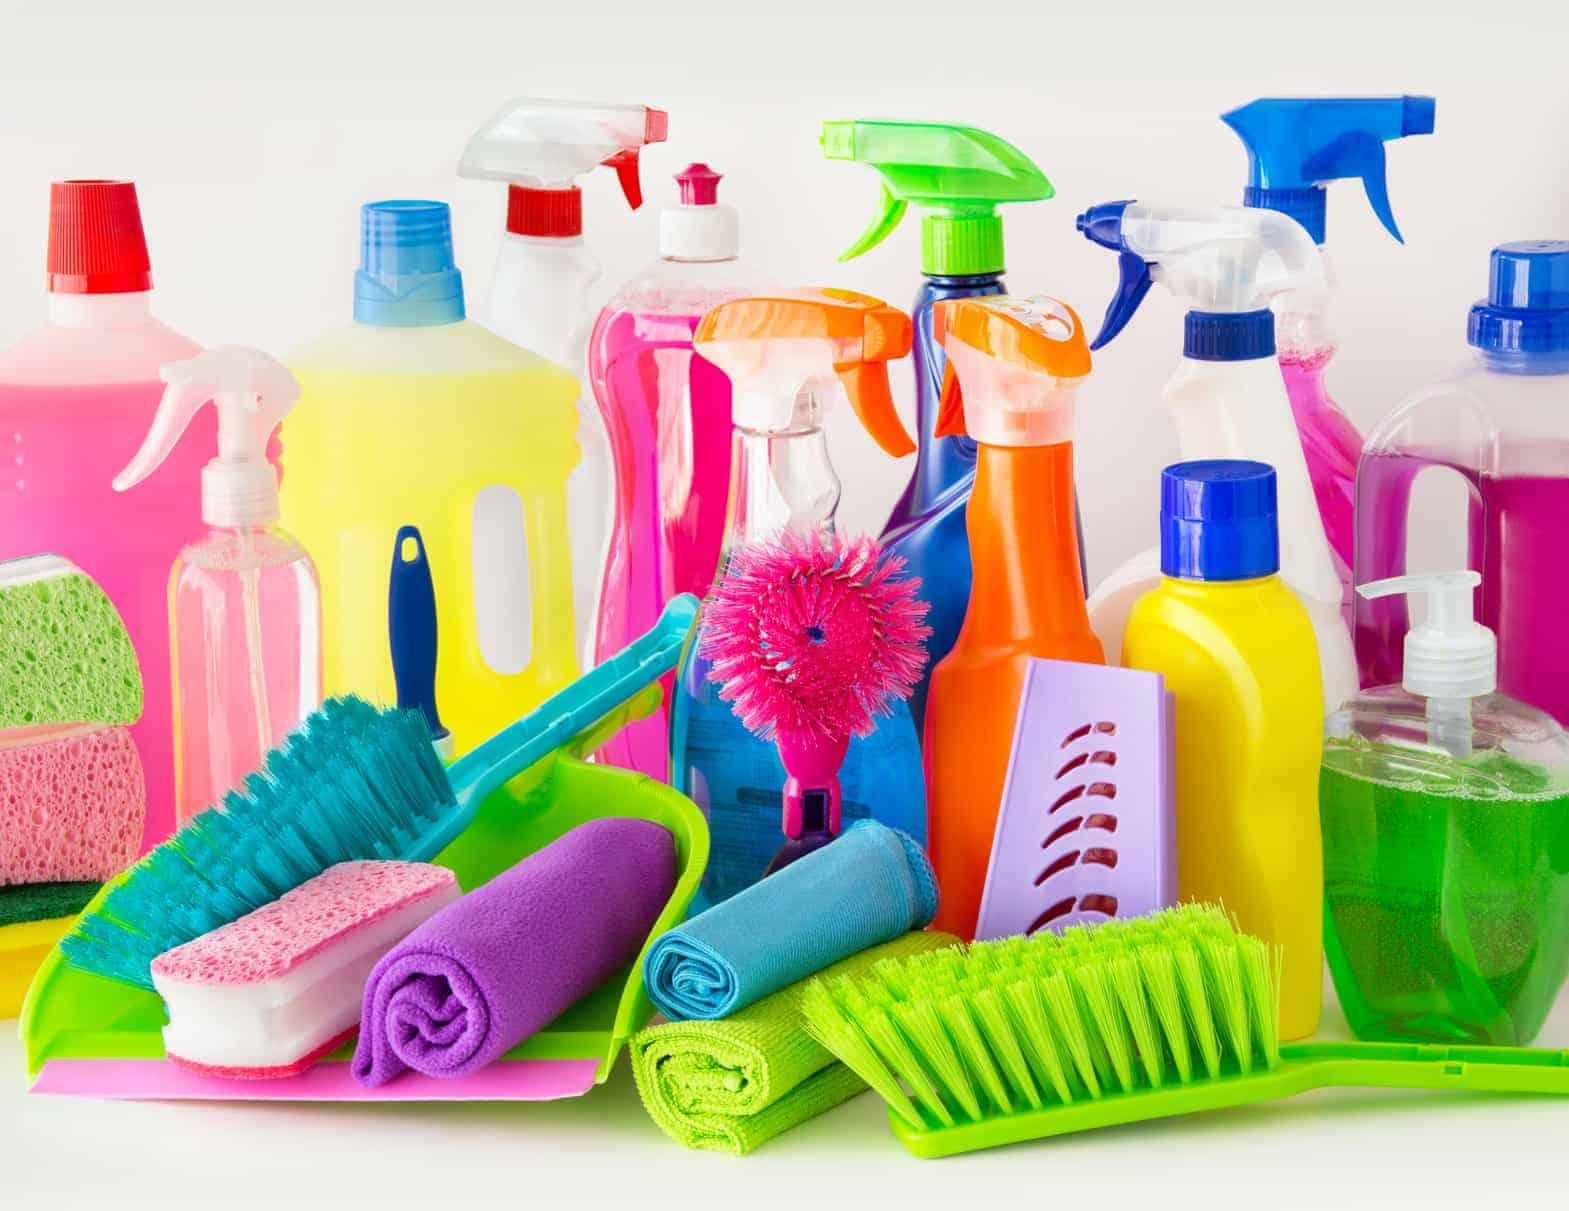 Ein großes Sortiment an Putzmitteln und Reinigungsbürsten ist im Haushalt sinnvoll.